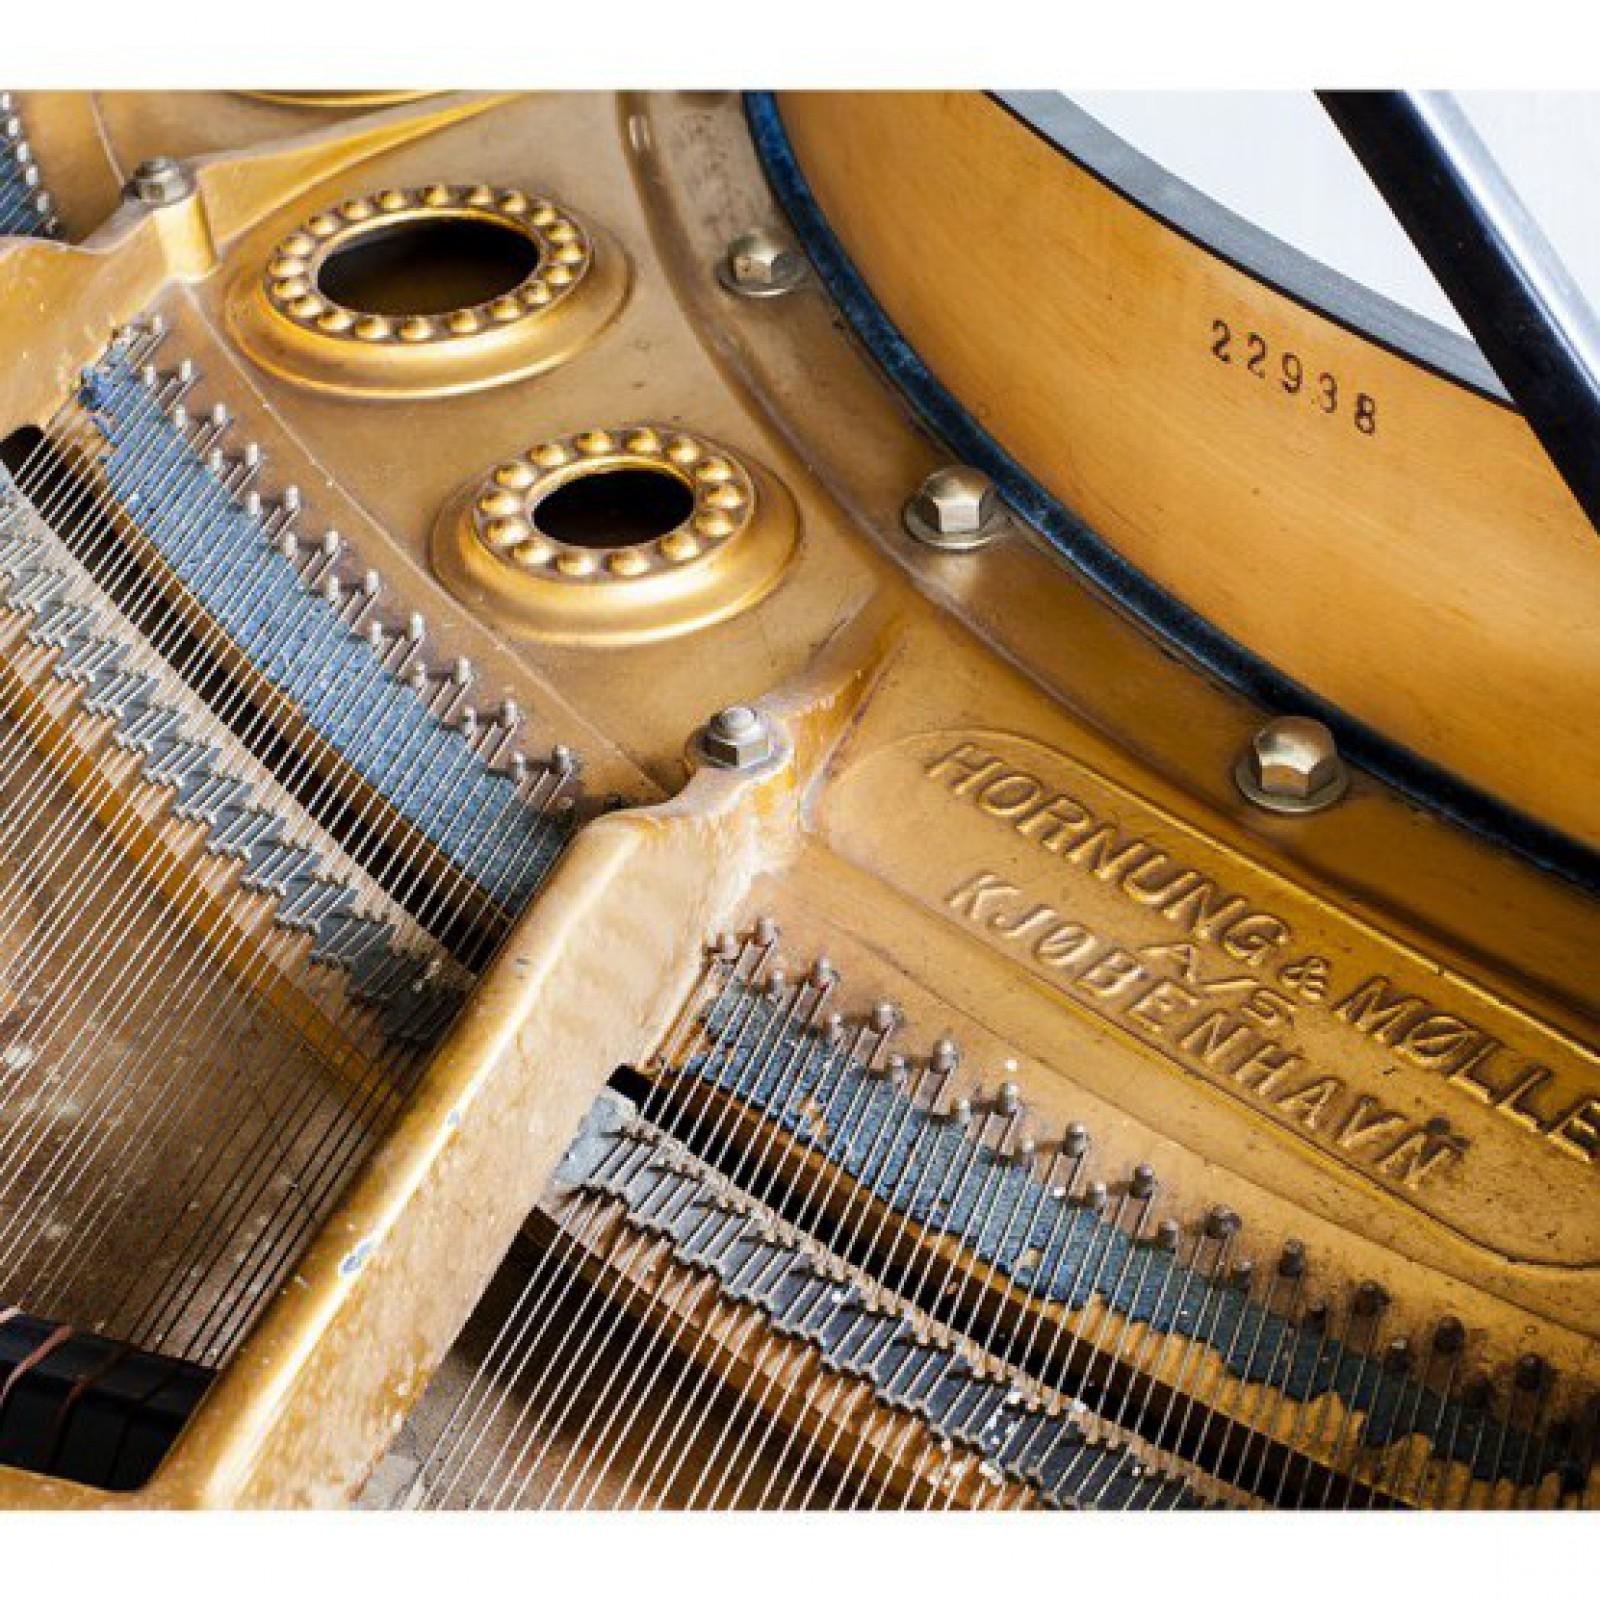 Numer seryjny na wewnętrznej części korpusu fortepianu